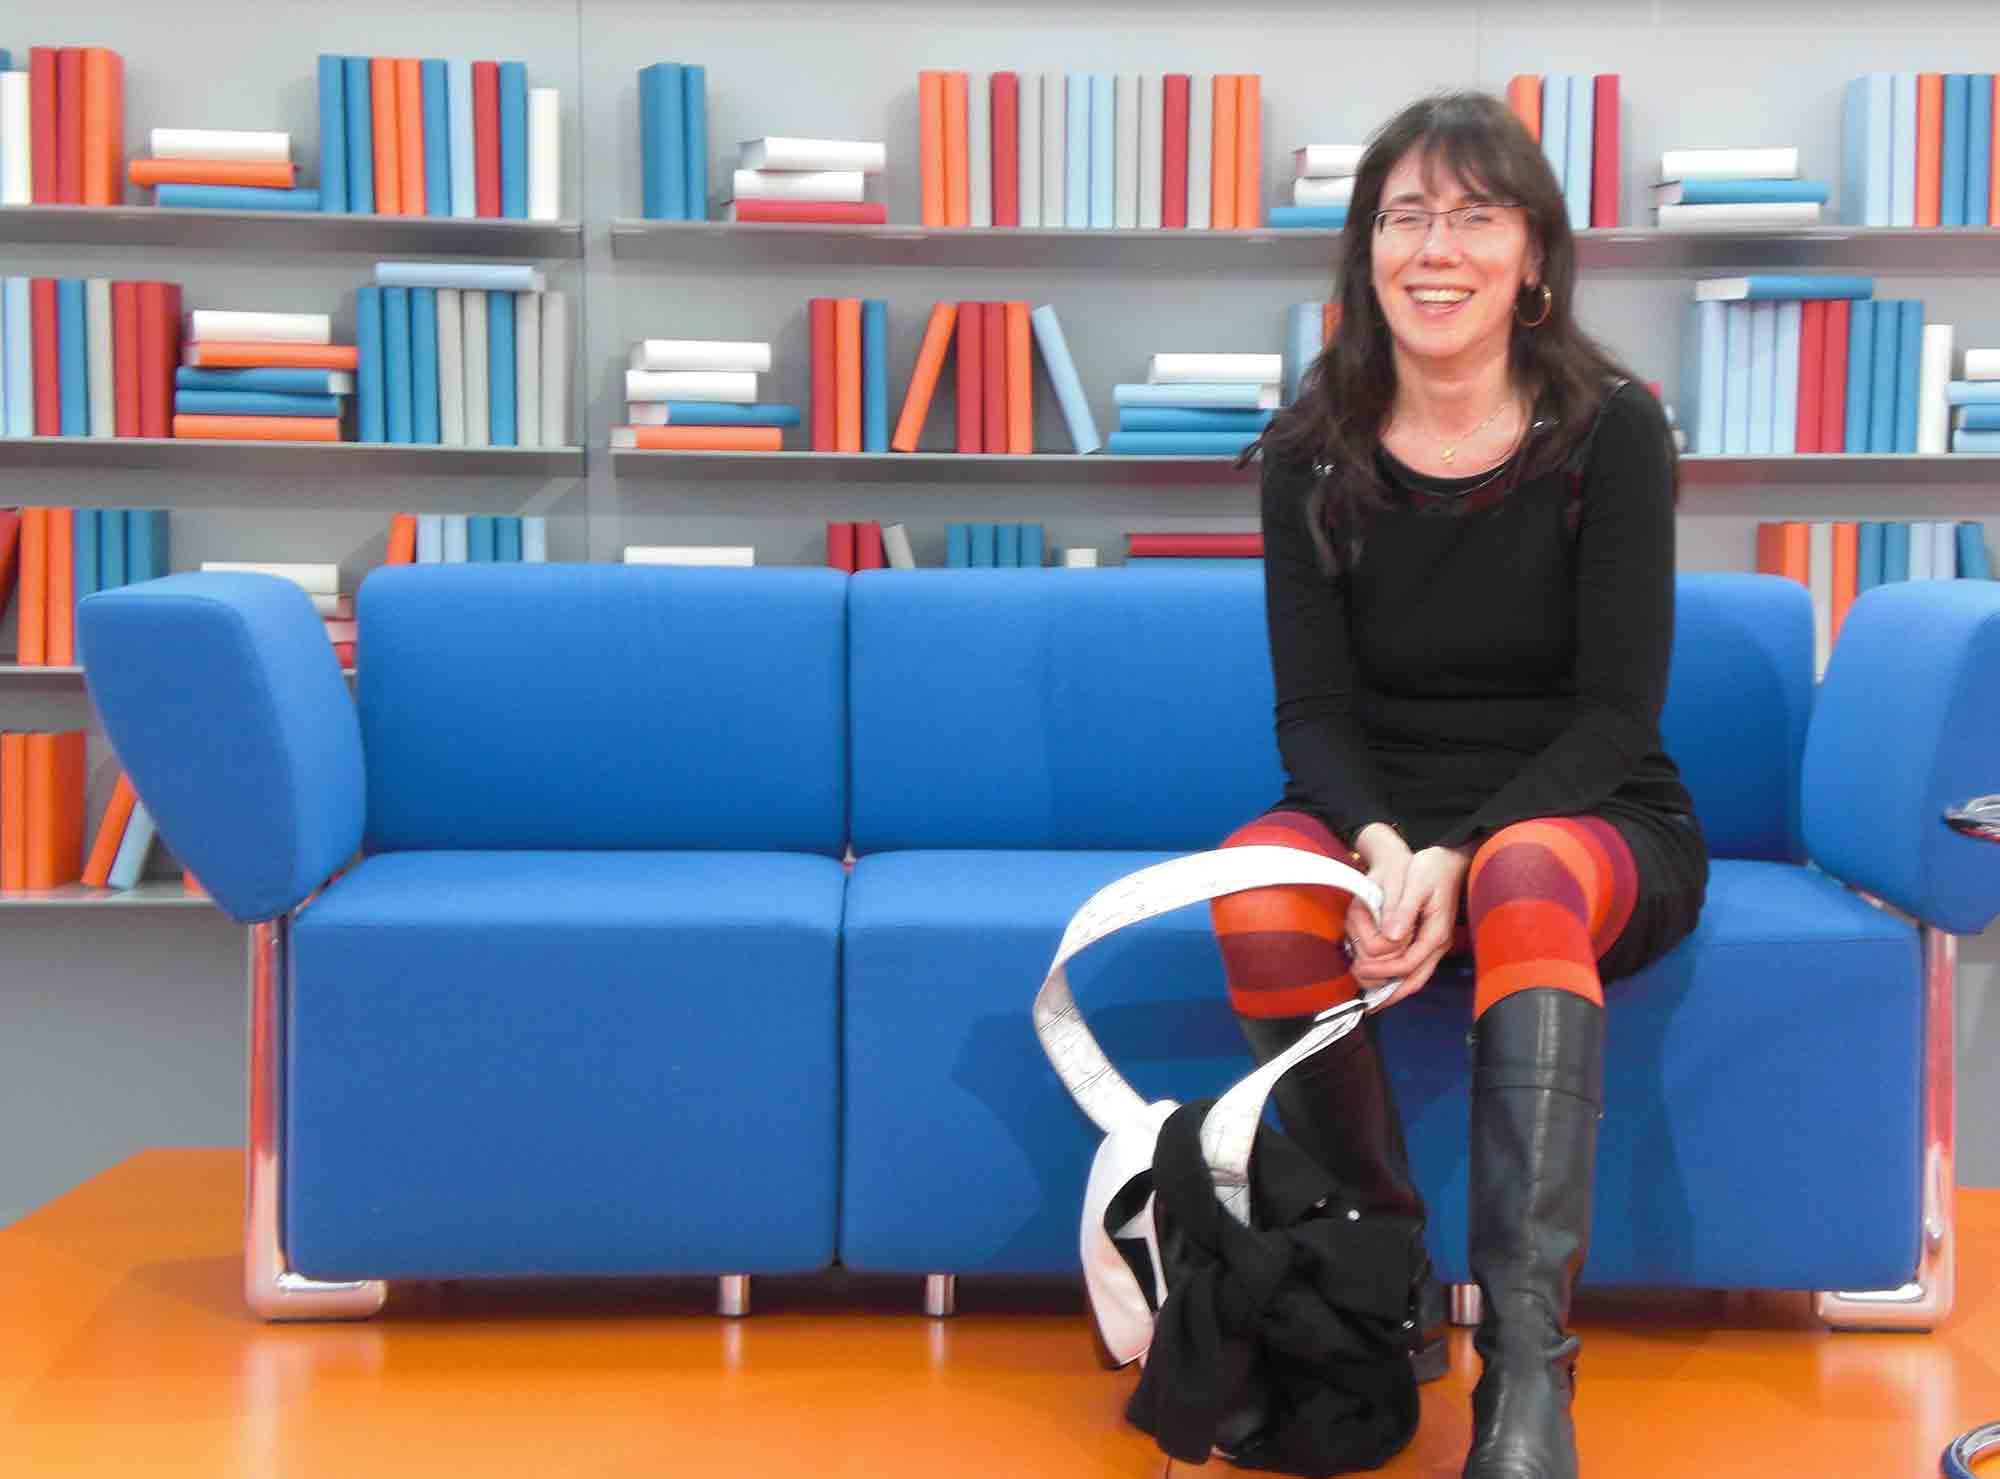 Einfach mal so Platz genommen: Cornelia Saxe auf dem Blauen Sofa der Leipziger Buchmesse (Copyright: Bernd Alvermann)